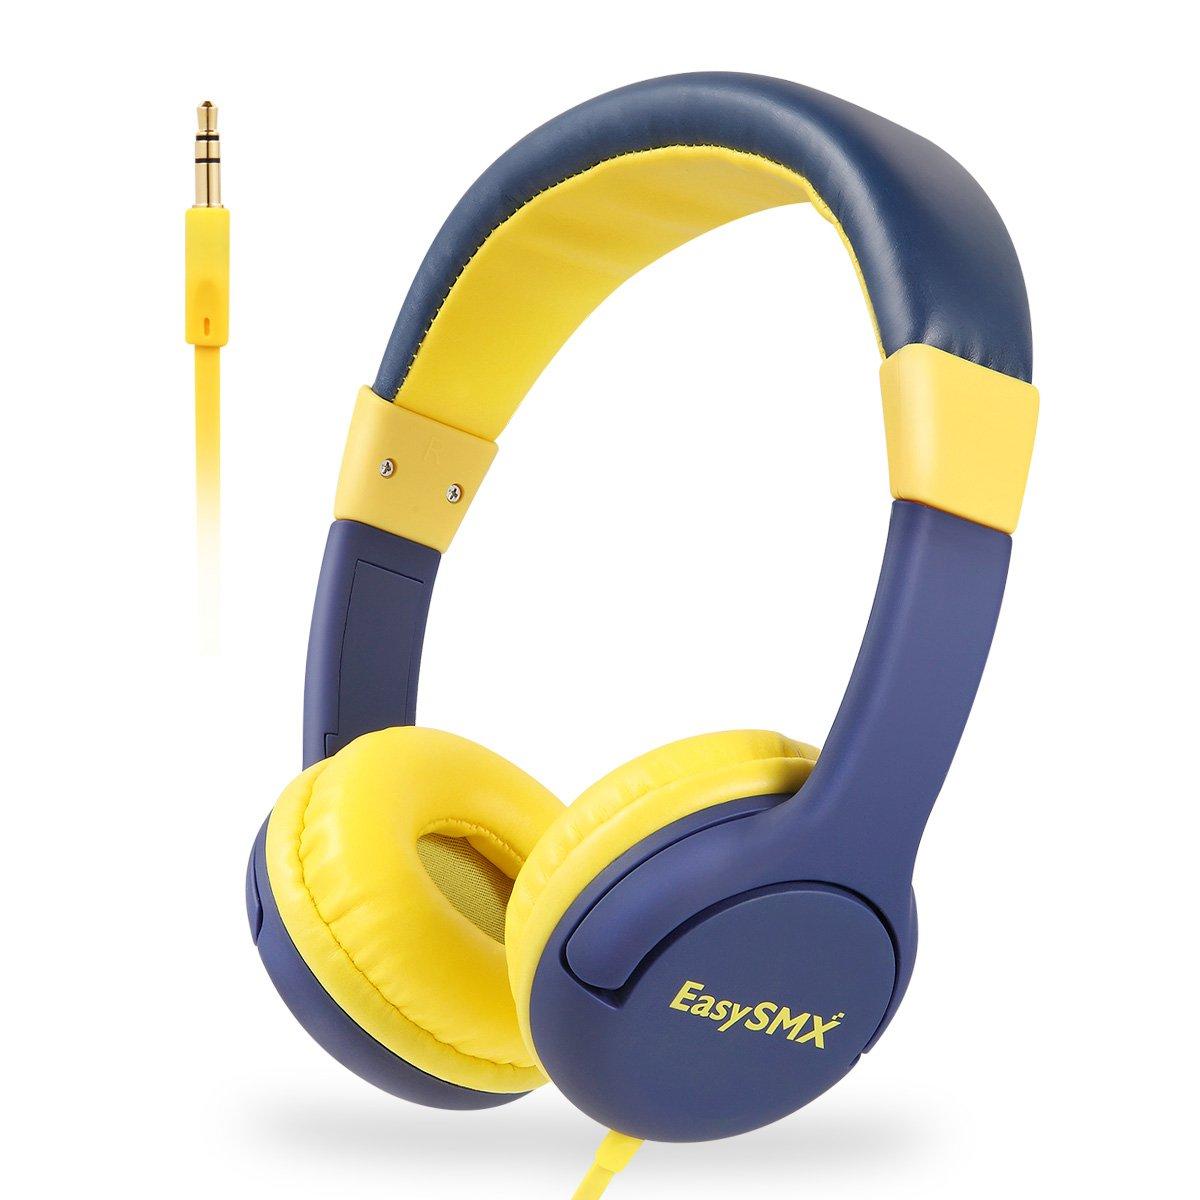 EasySMX Cascos Niños, [Regalos] Auriculares para Niños con 3.5 mm Jack, Cascos